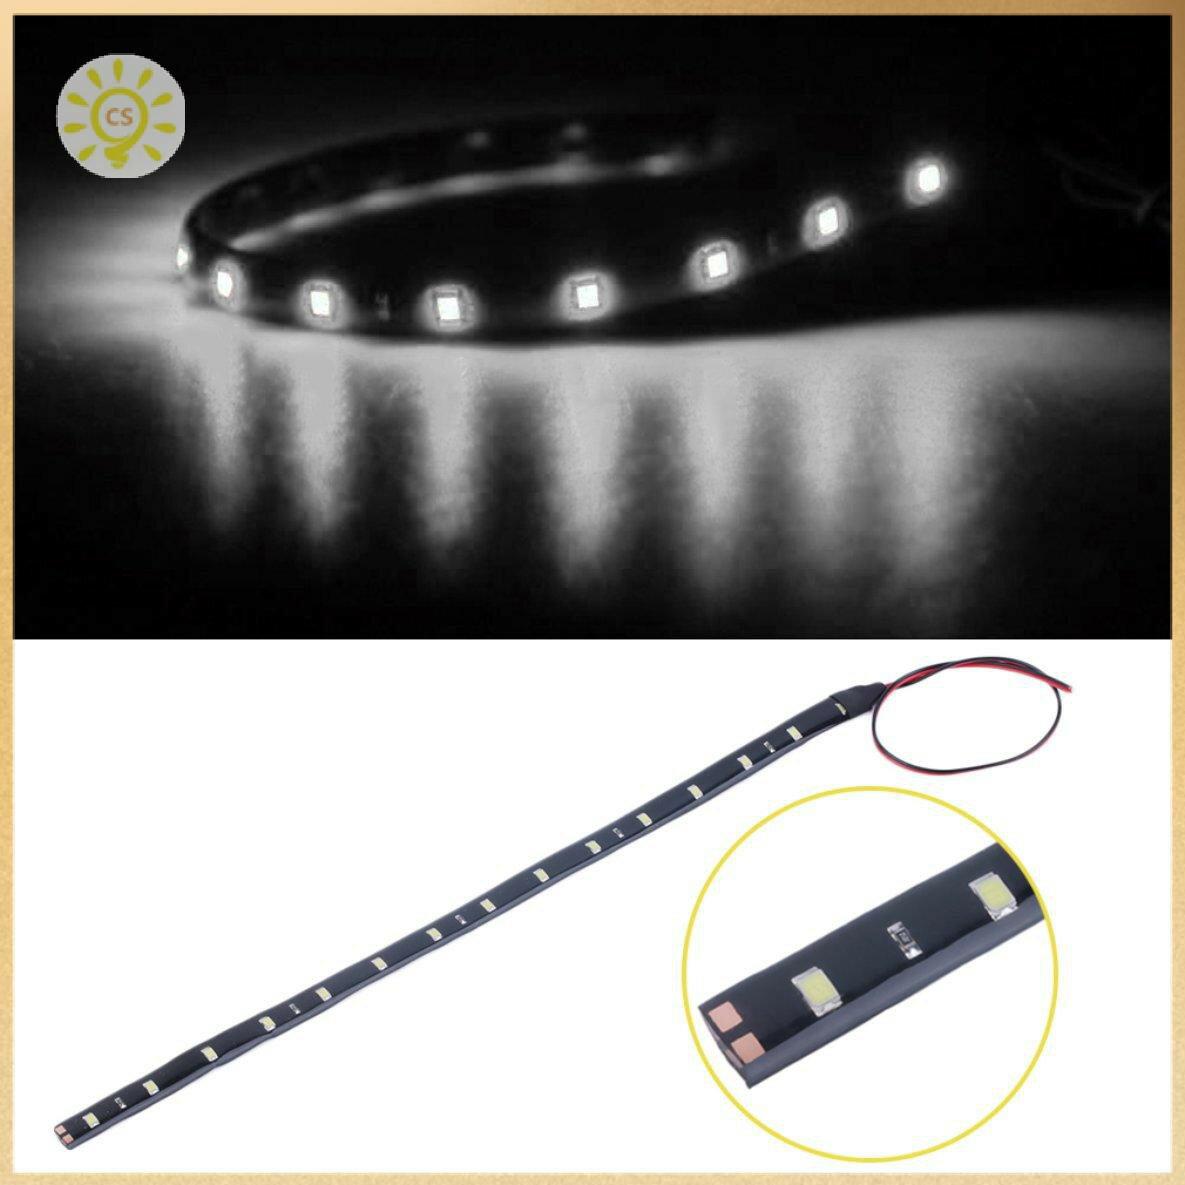 【全館免運】防水30cm 15 LED汽車照明柔性裝飾燈條 clickstorevip